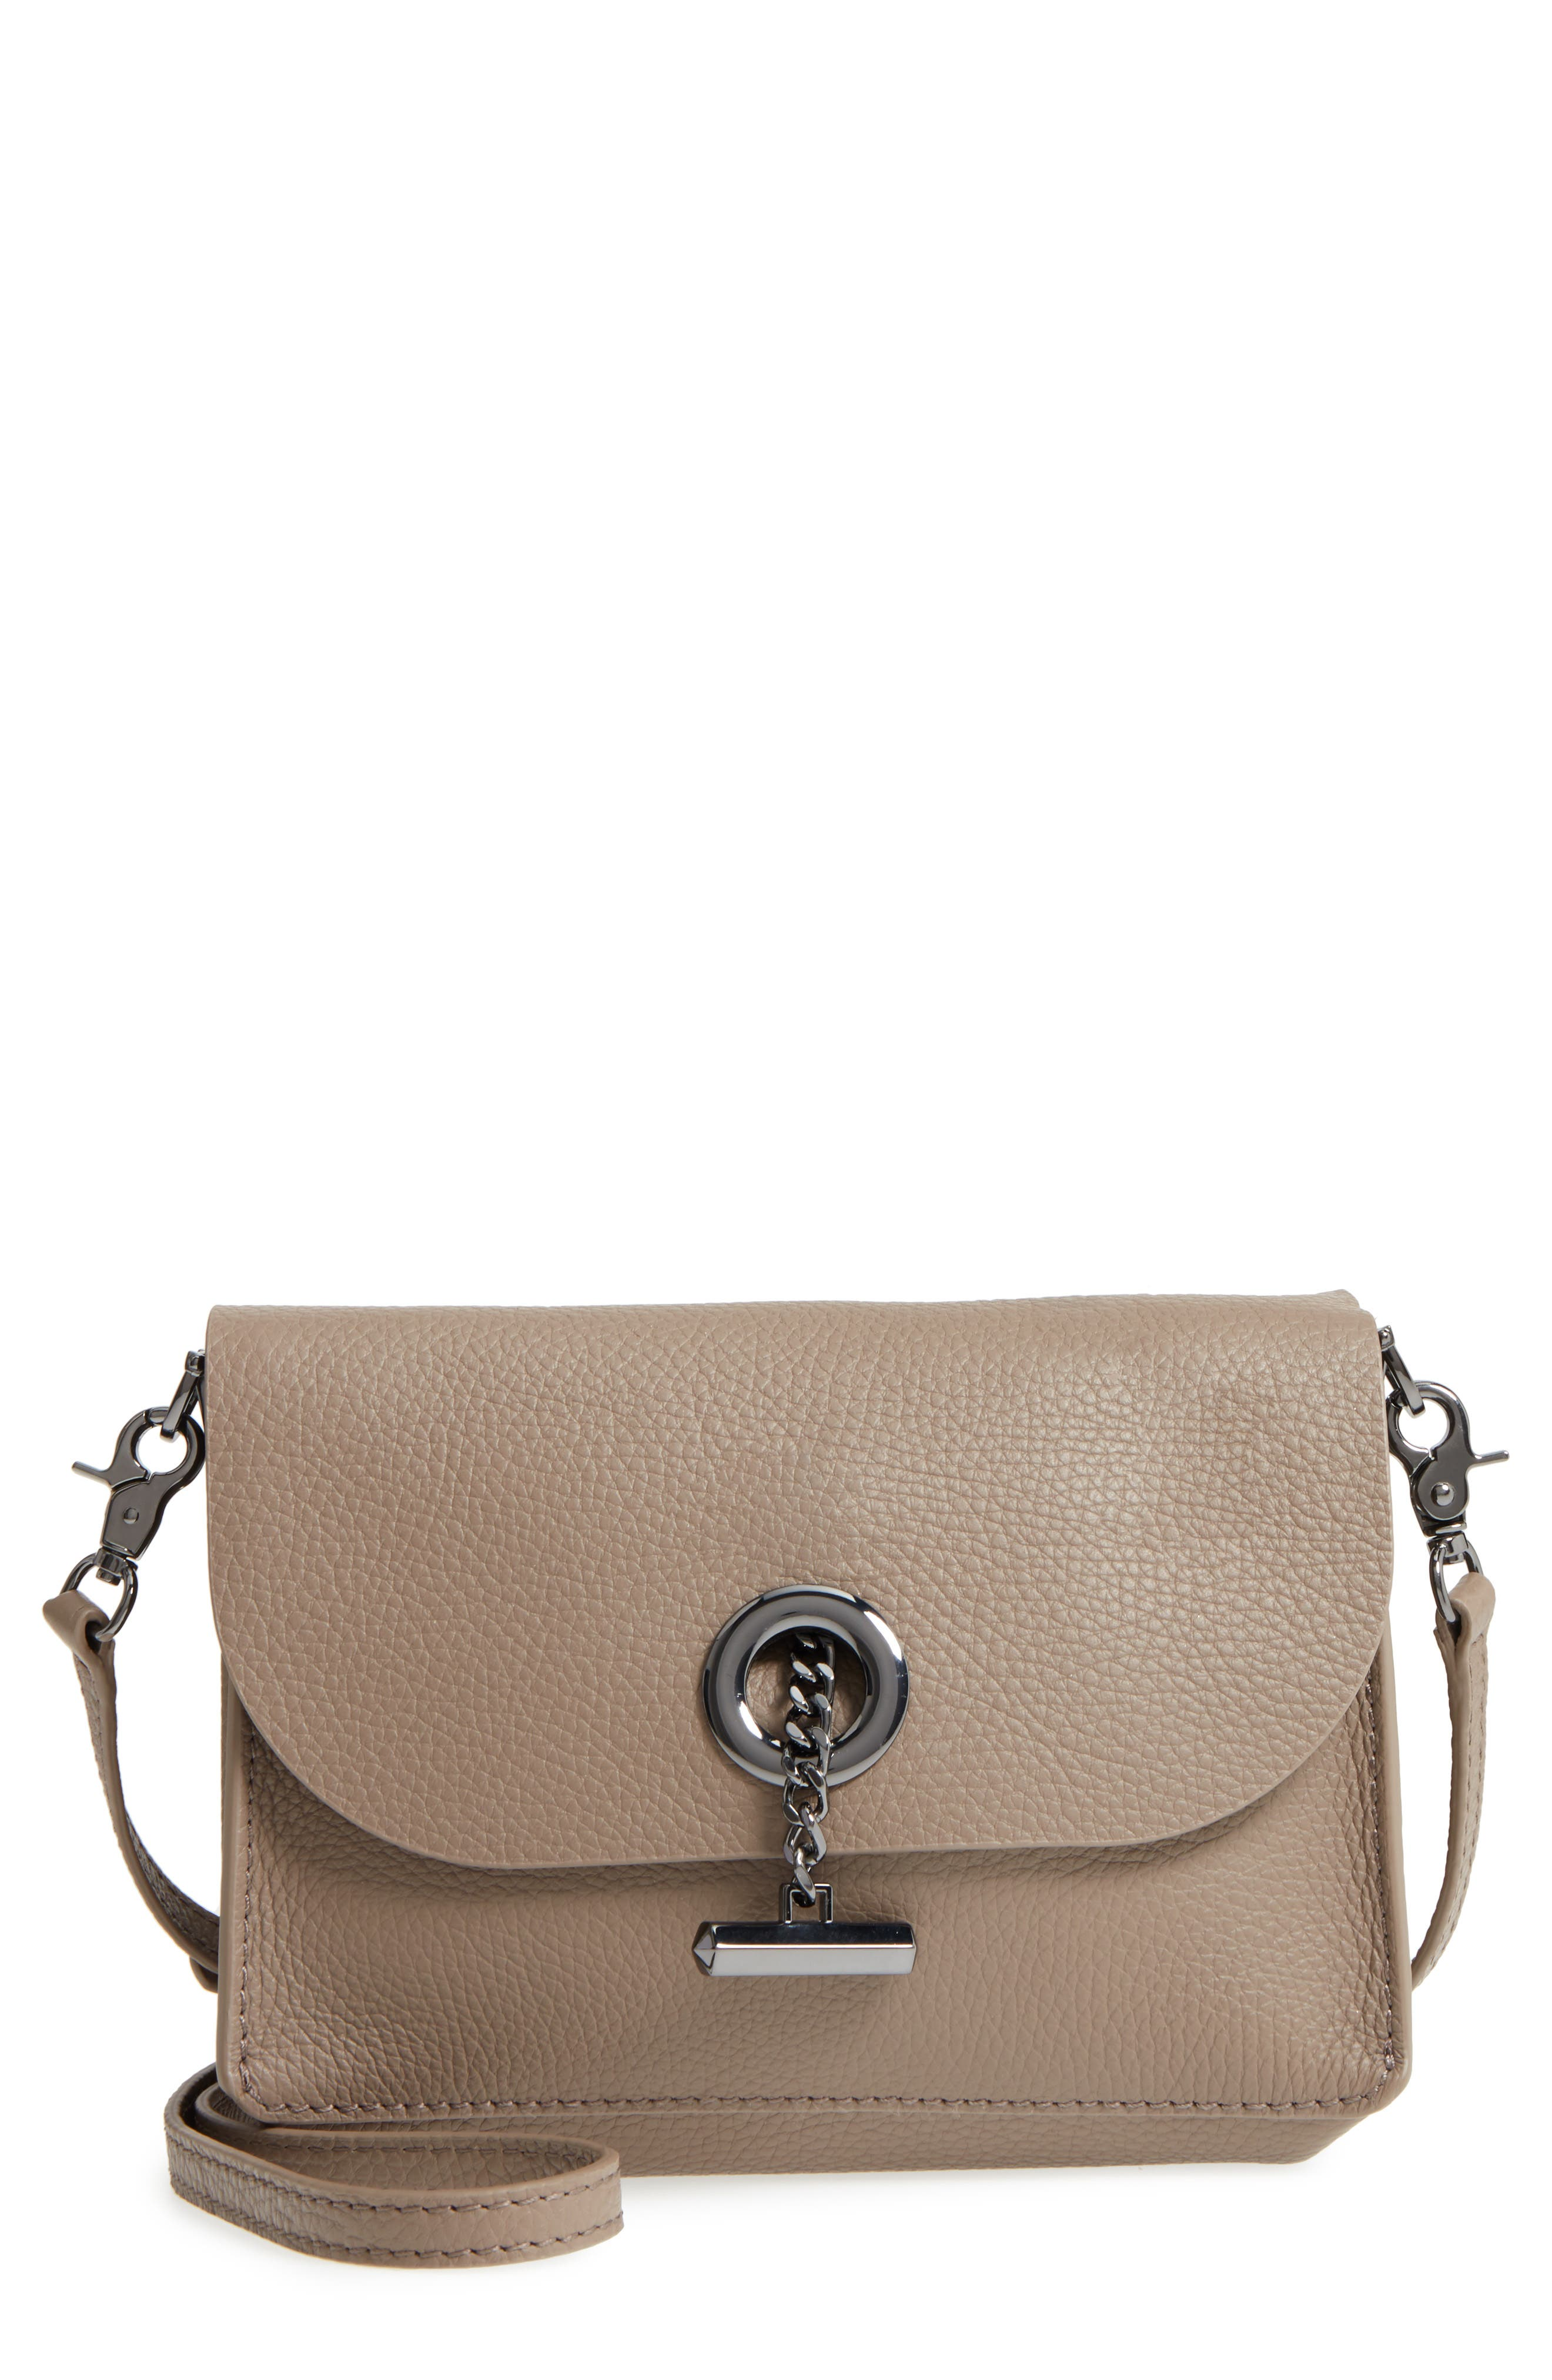 Main Image - Botkier Waverly Leather Crossbody Bag